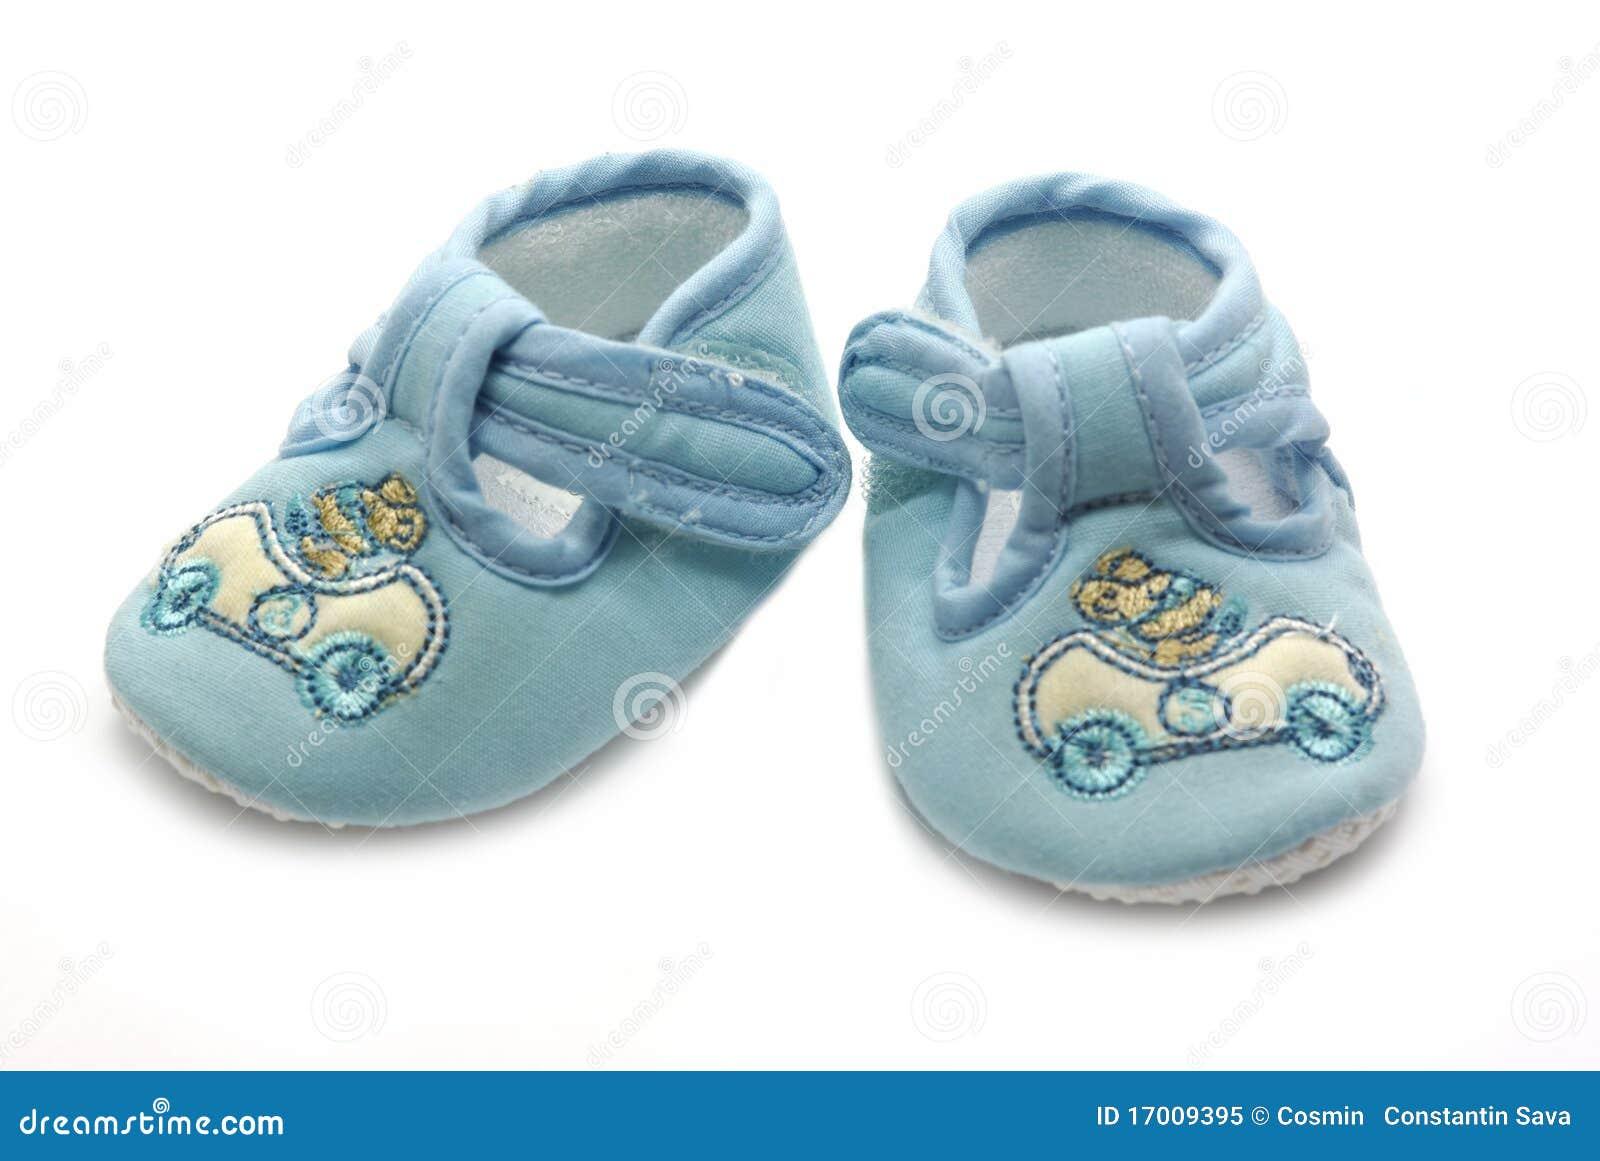 007d761876f Zapato Del Verano Para El Bebé Recién Nacido Ilustración del Vector ...